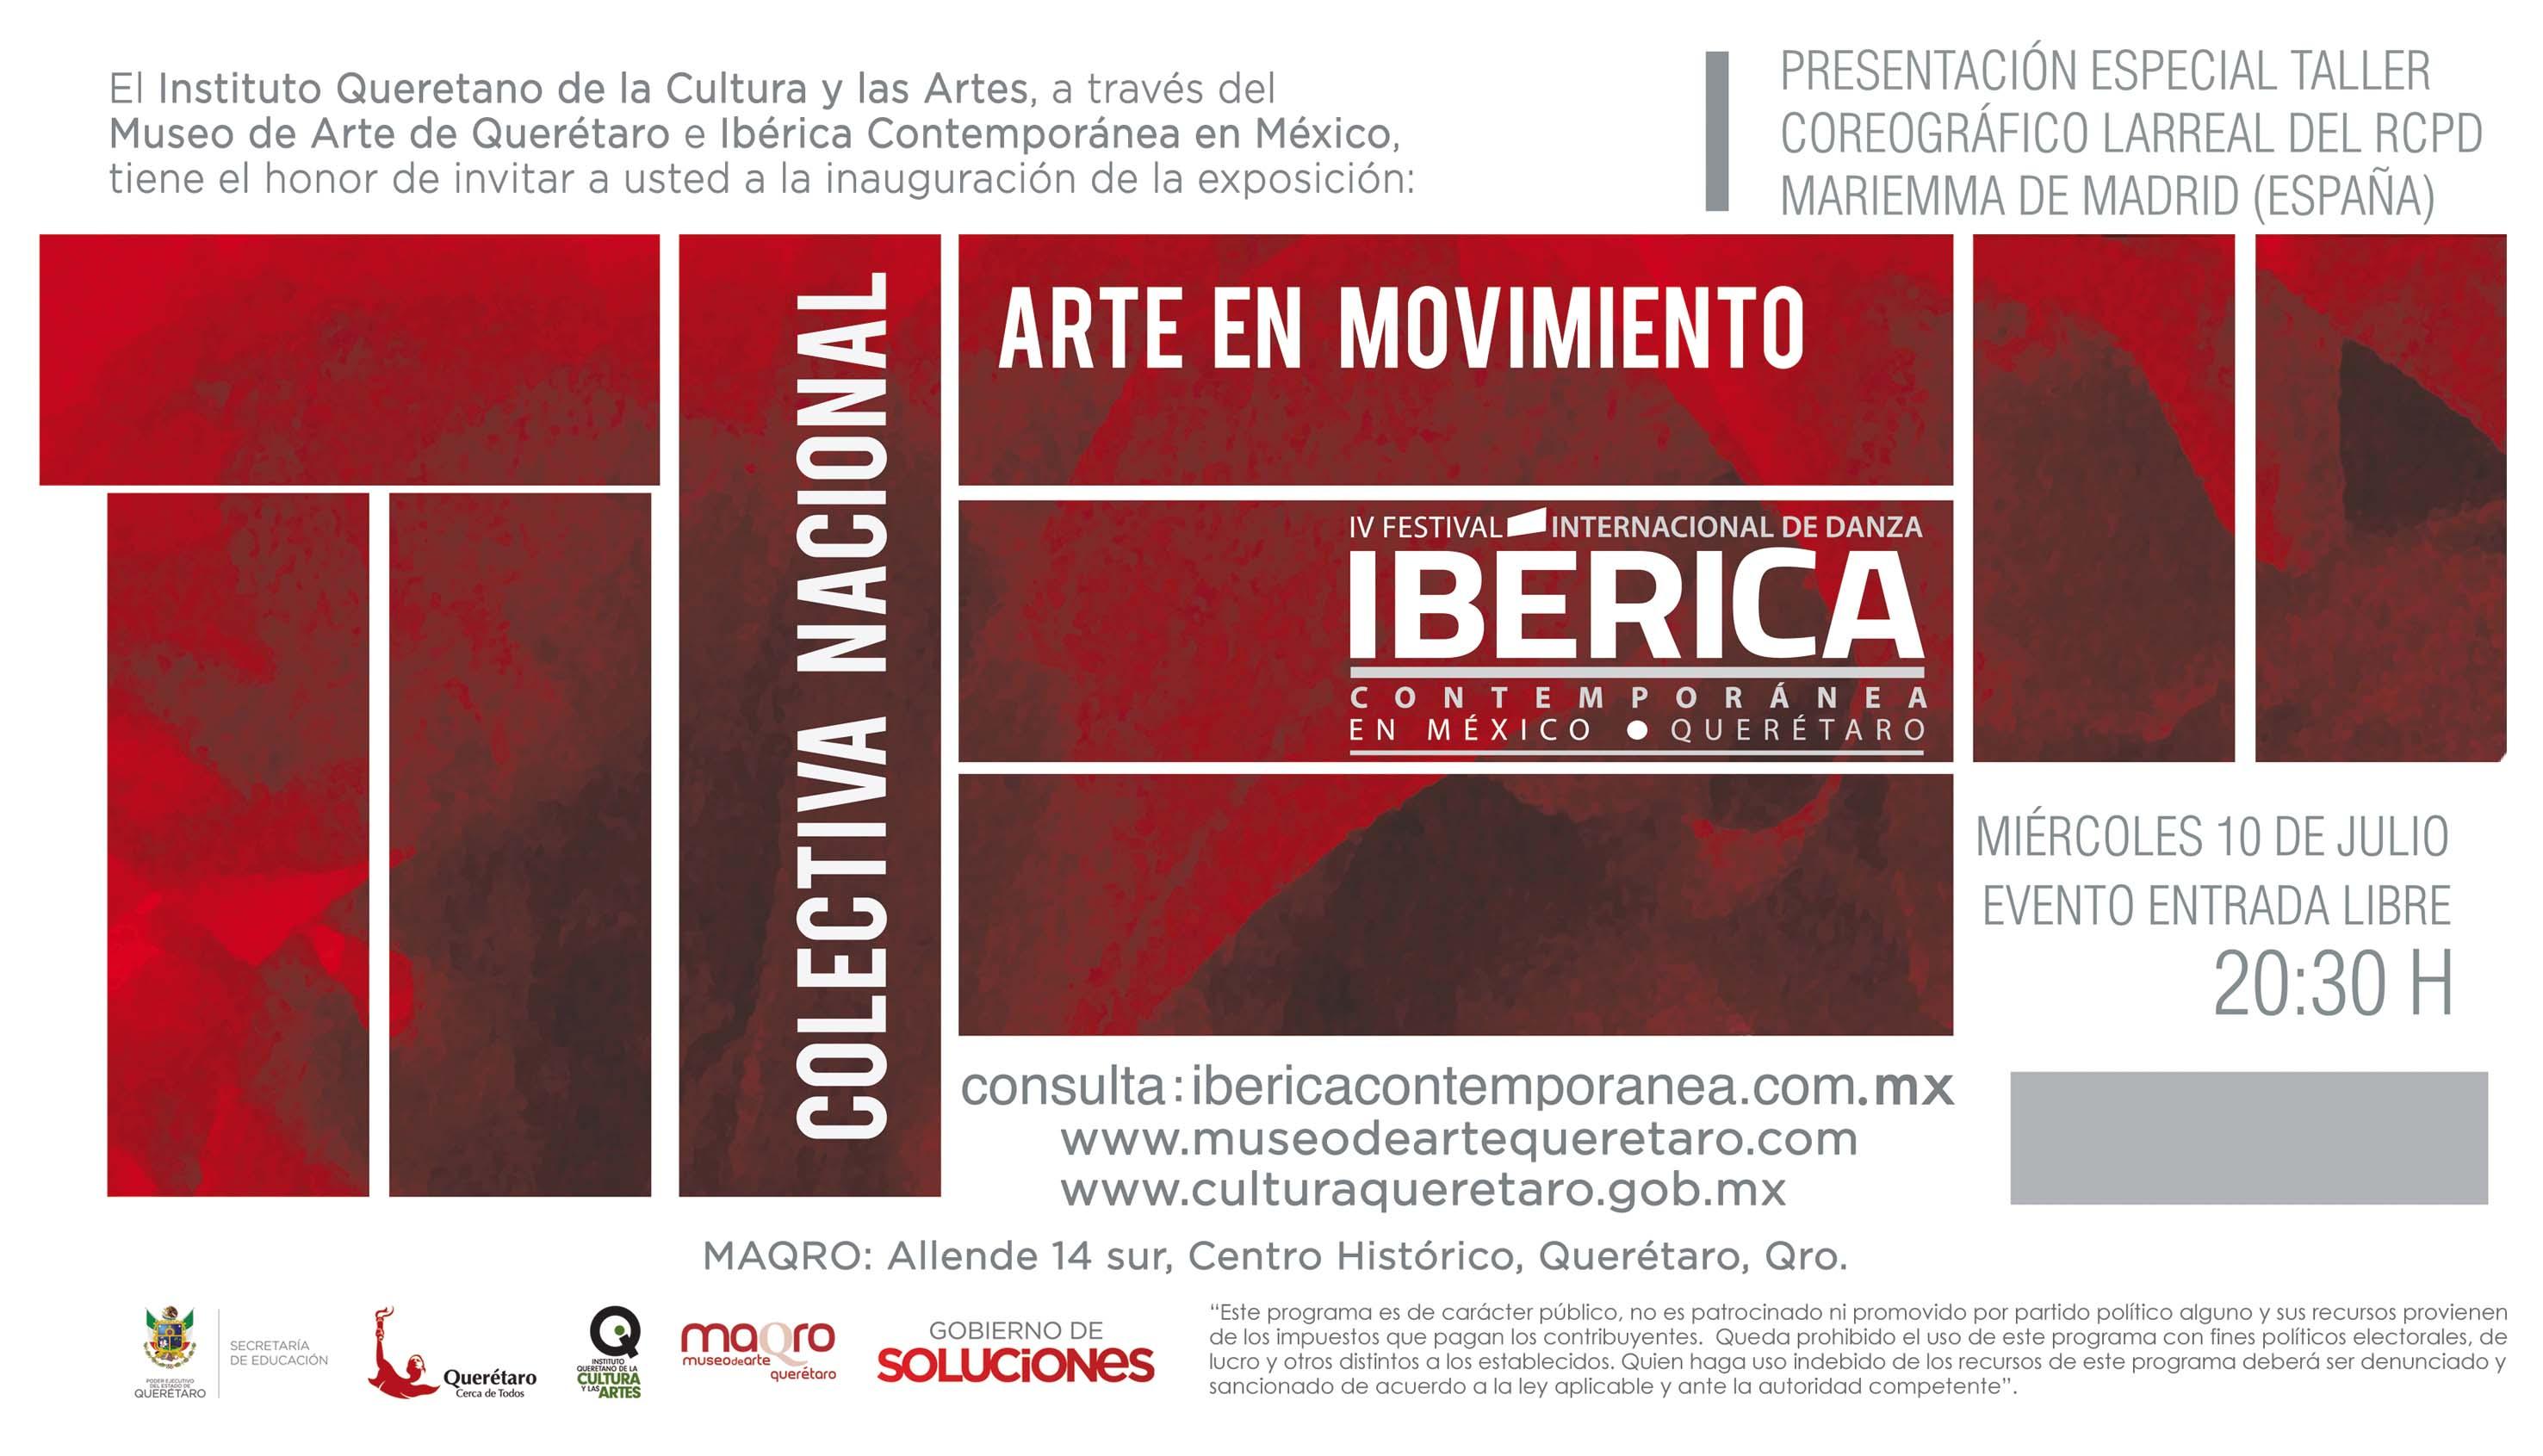 Invitación: Expo Arte en Movimiento